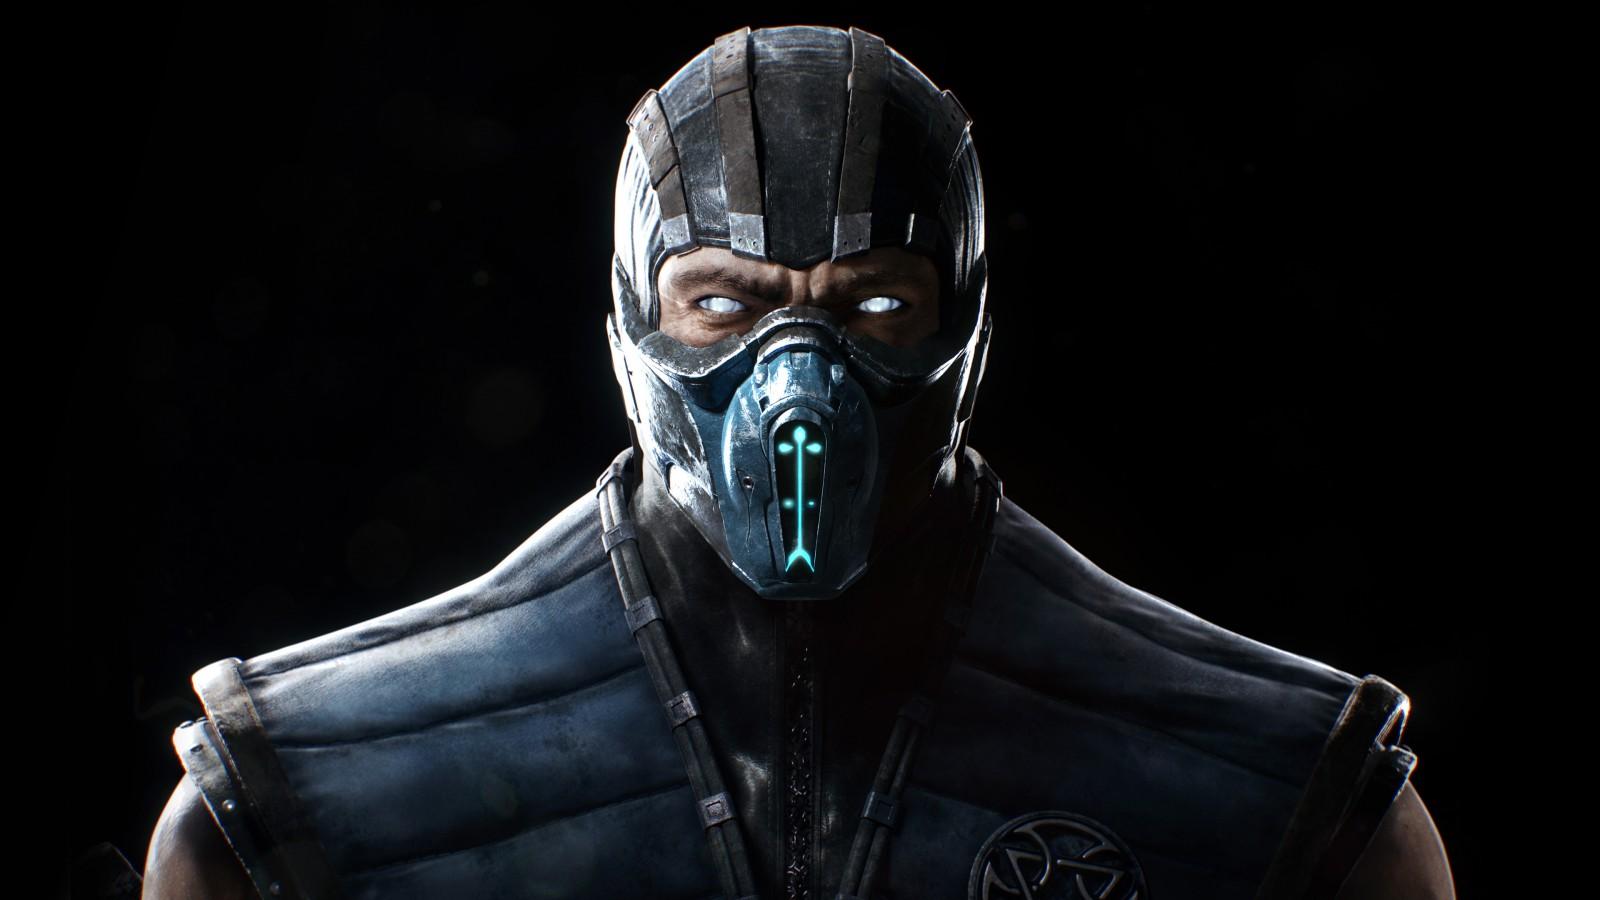 Mortal Kombat X Sub Zero Wallpapers HD Wallpapers ID